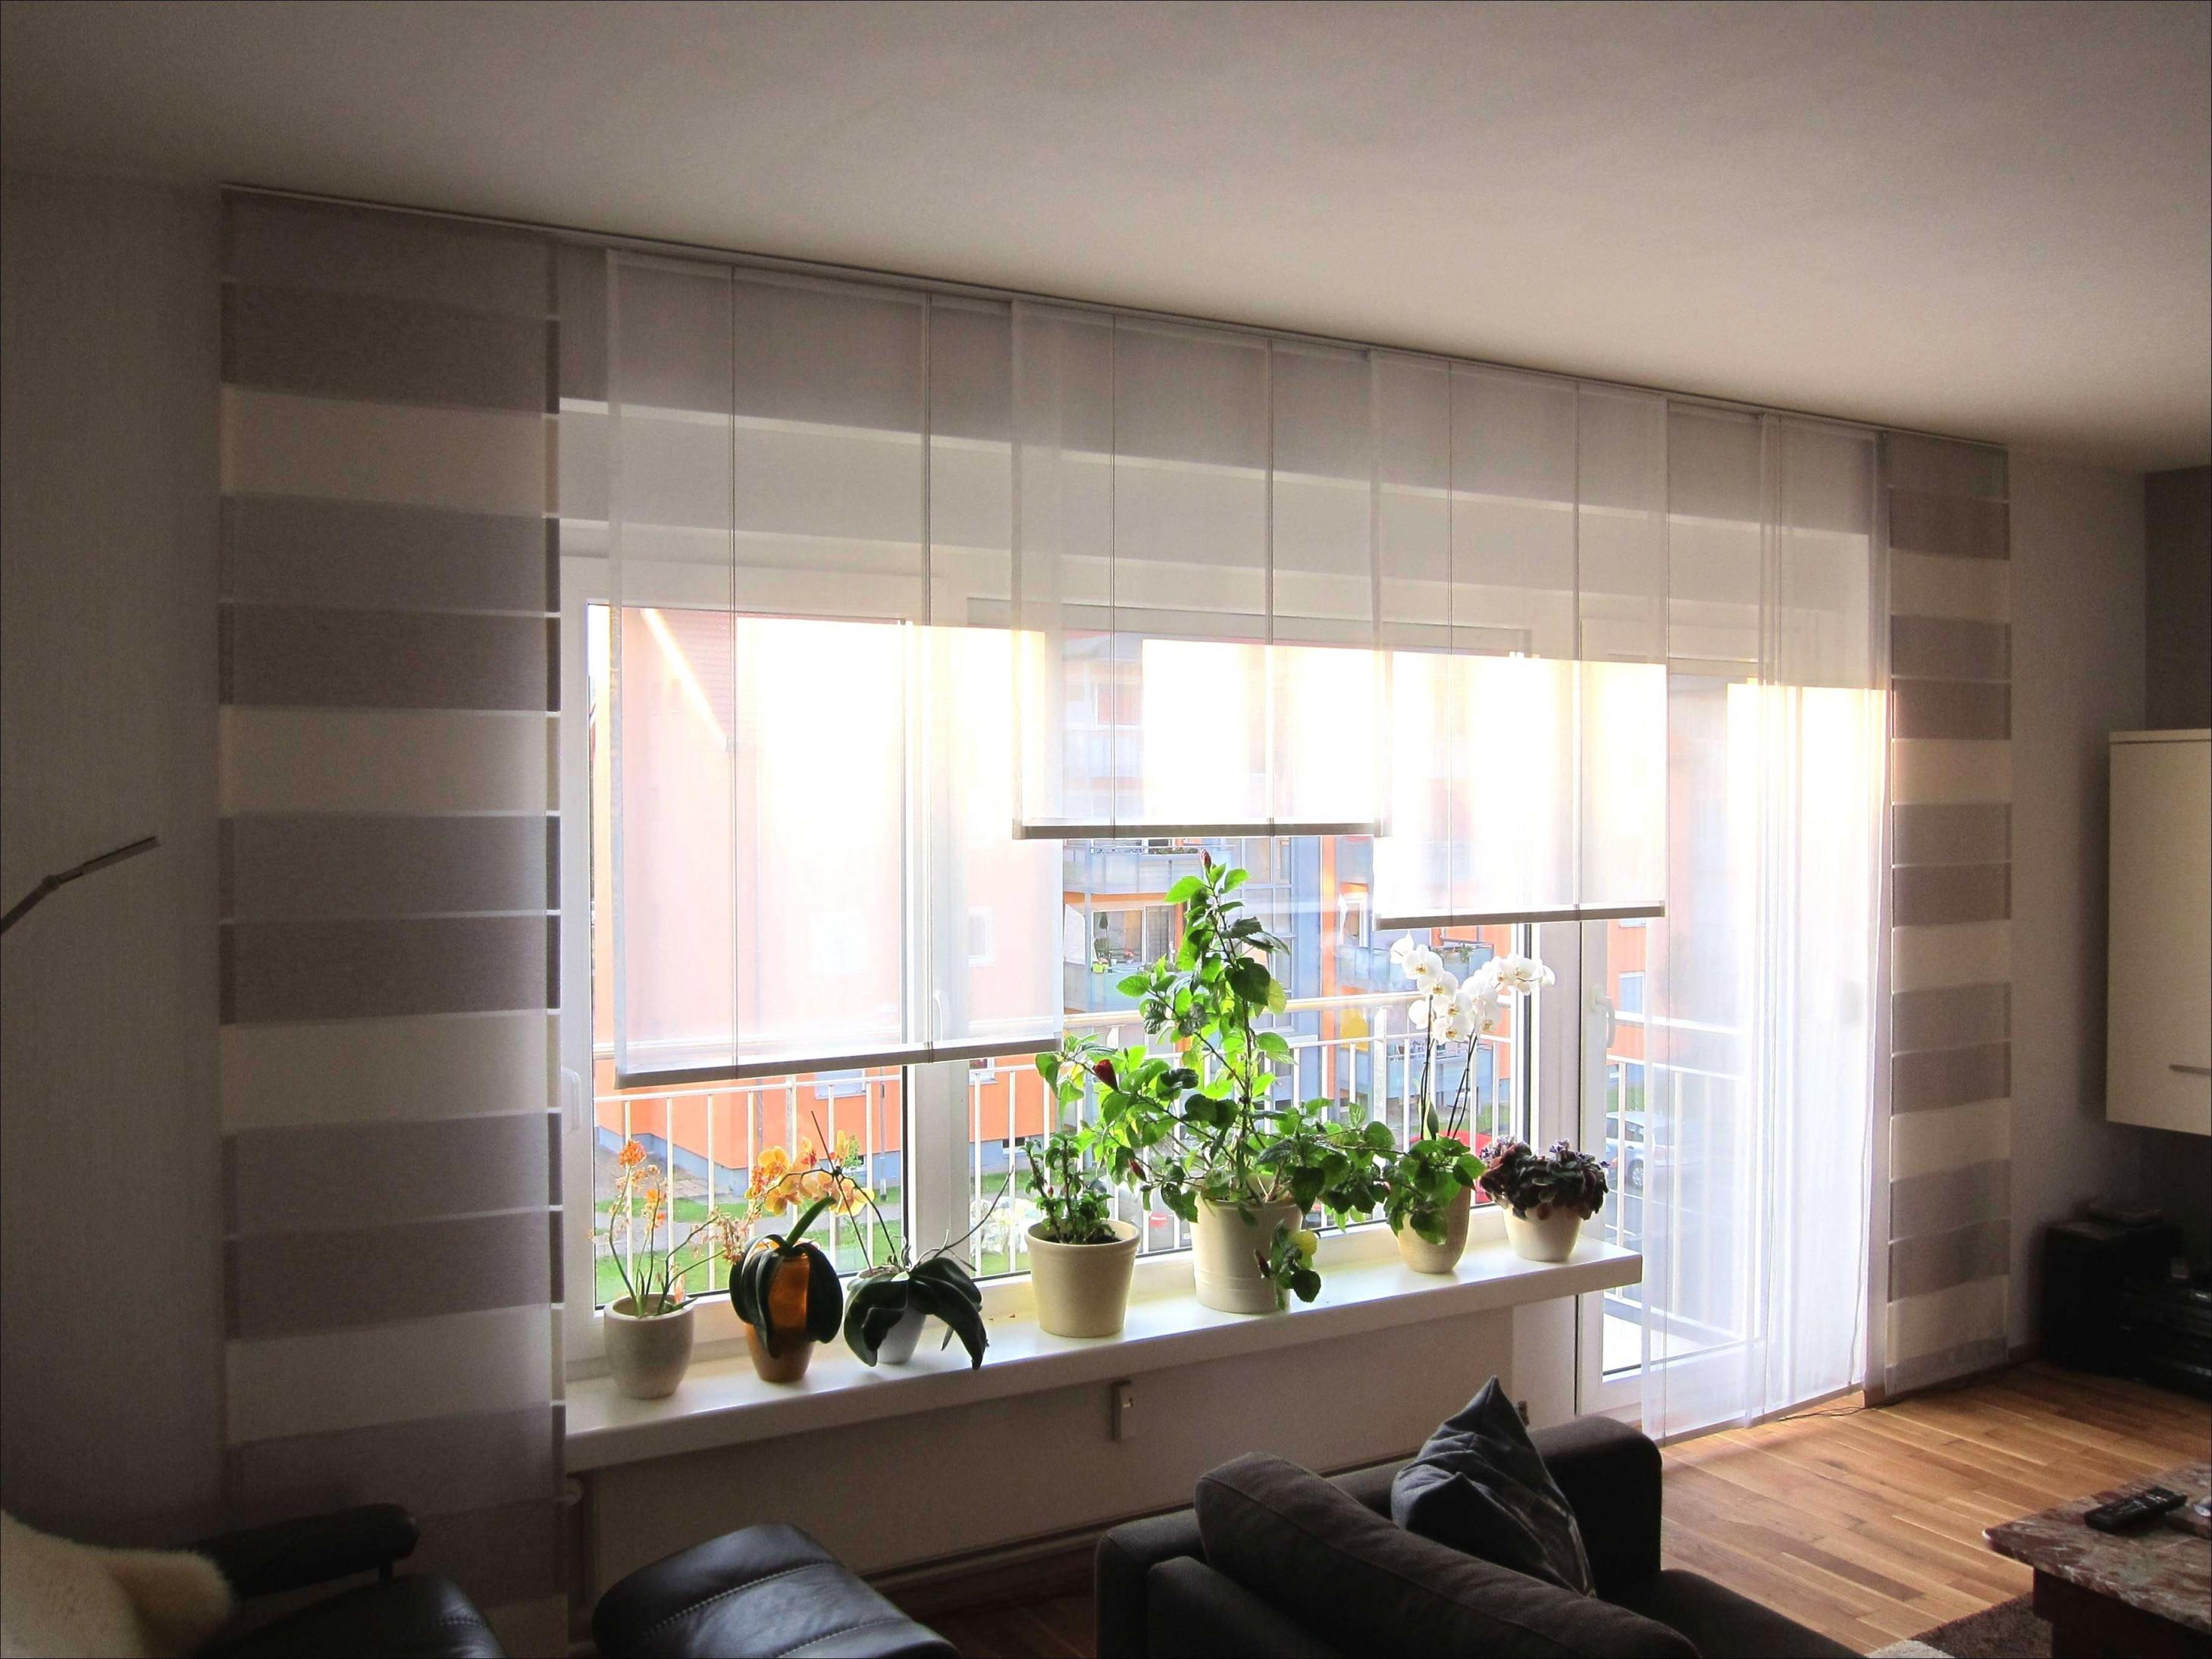 Gardinen Für Wohnzimmer Einzigartig Beste Von Balkontür von Ideen Für Gardinen Im Wohnzimmer Bild